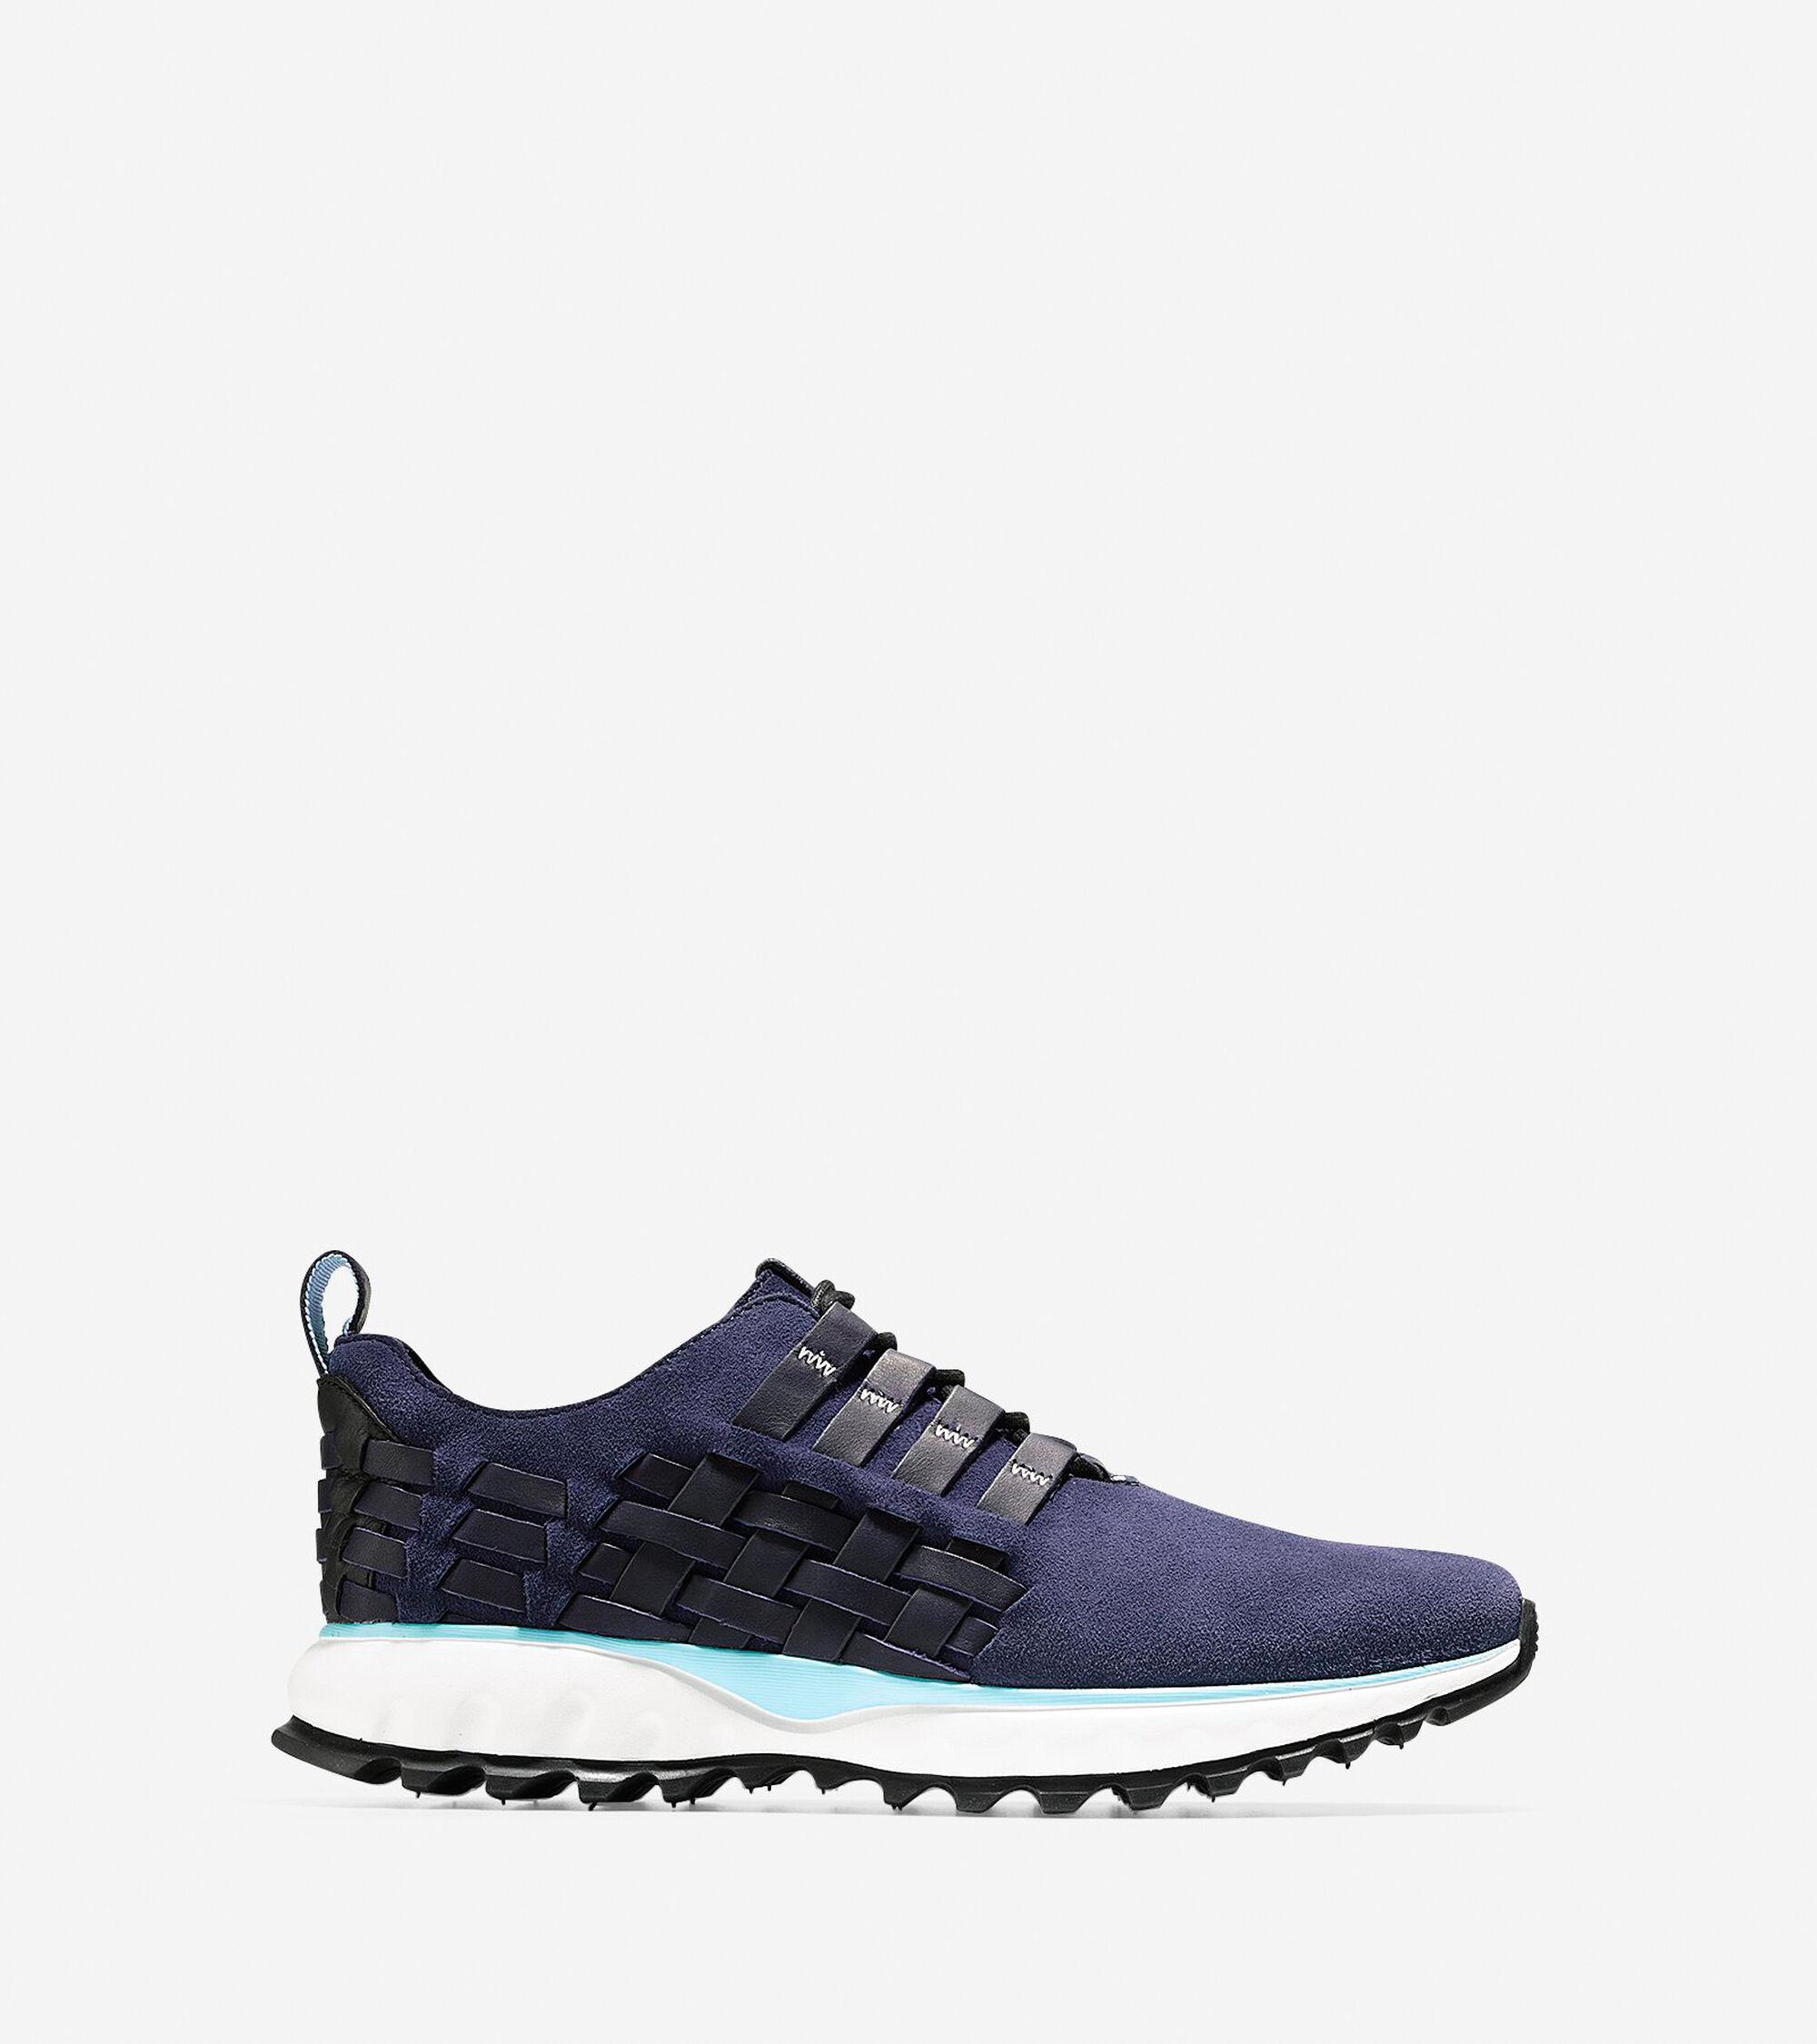 Cole Haan Men's GrandExplore All-Terrain Woven Sneaker